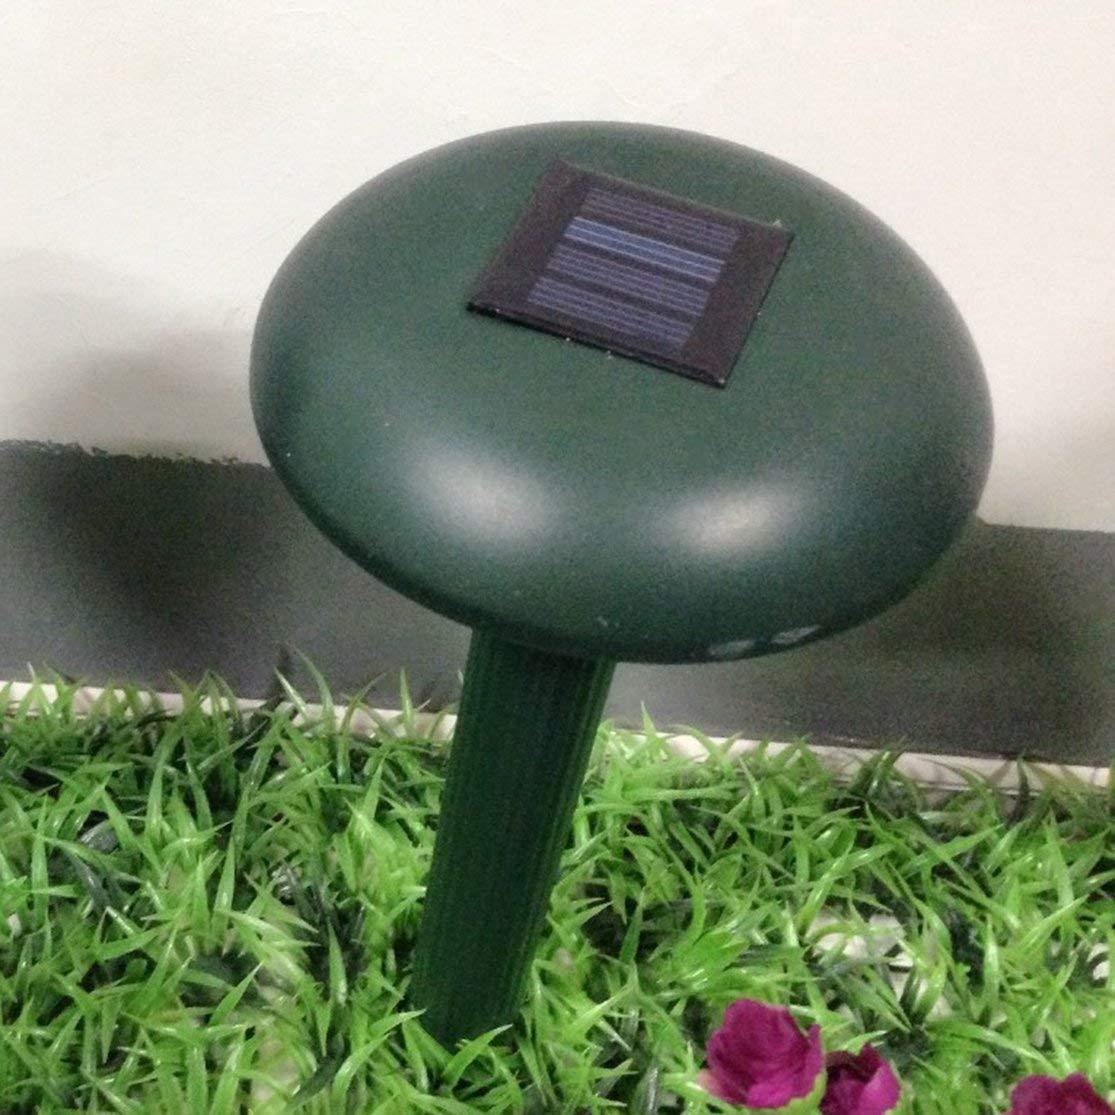 LouiseEvel215 Ultraschallwellen Solarbetriebener Outdoor-Garten-Nagetier-Schlangen-Repeller